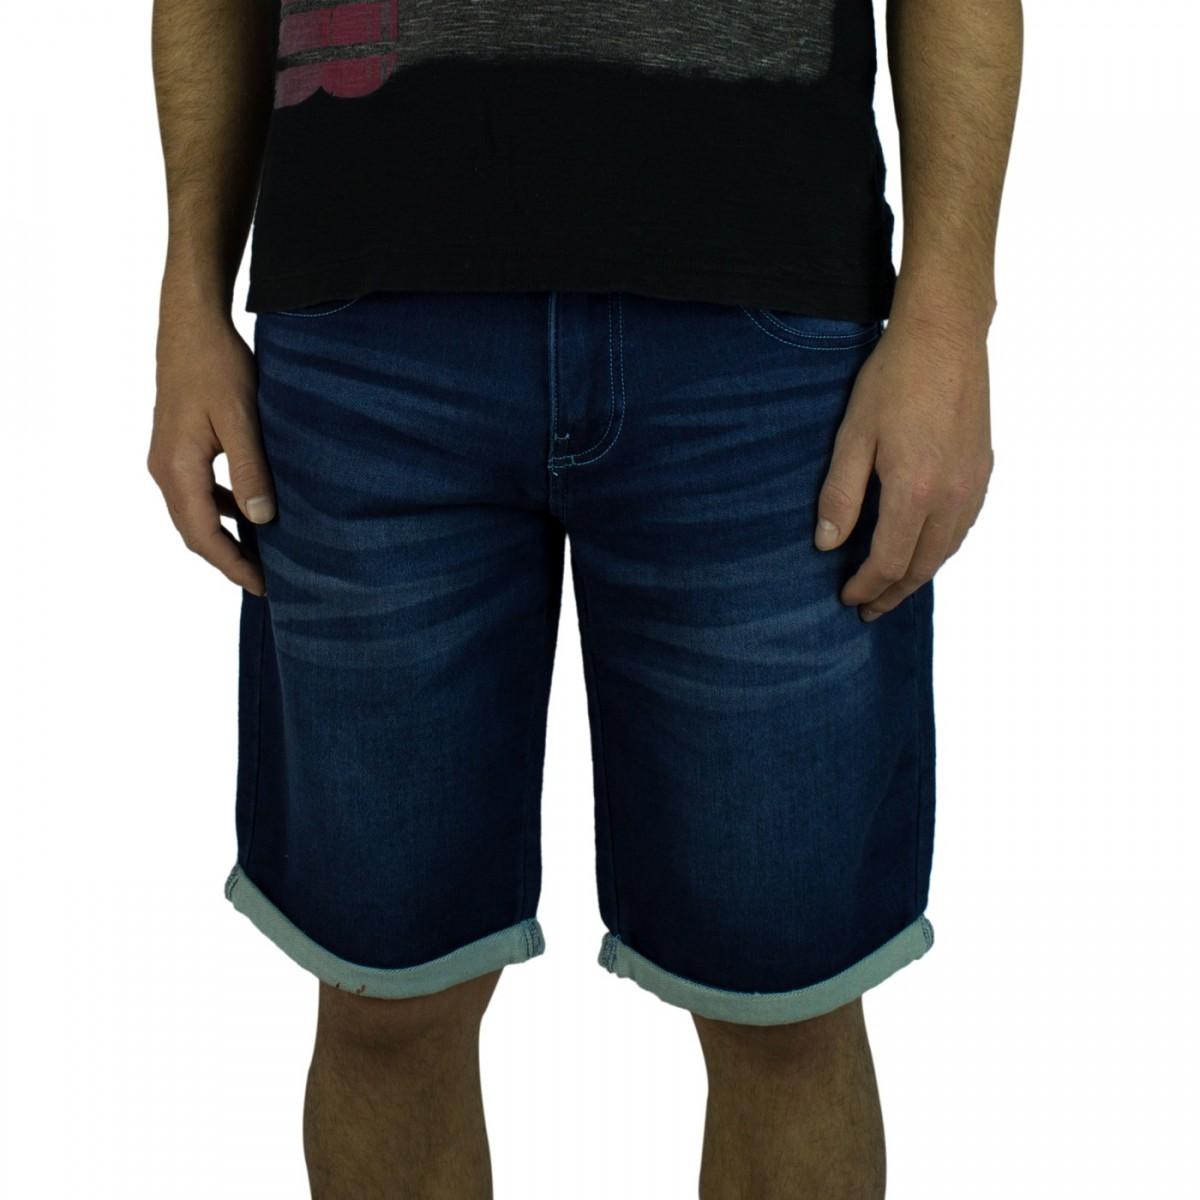 Bizz Store - Bermuda Jeans Moletom Masculina Gangster Azul ab927e20f9f58